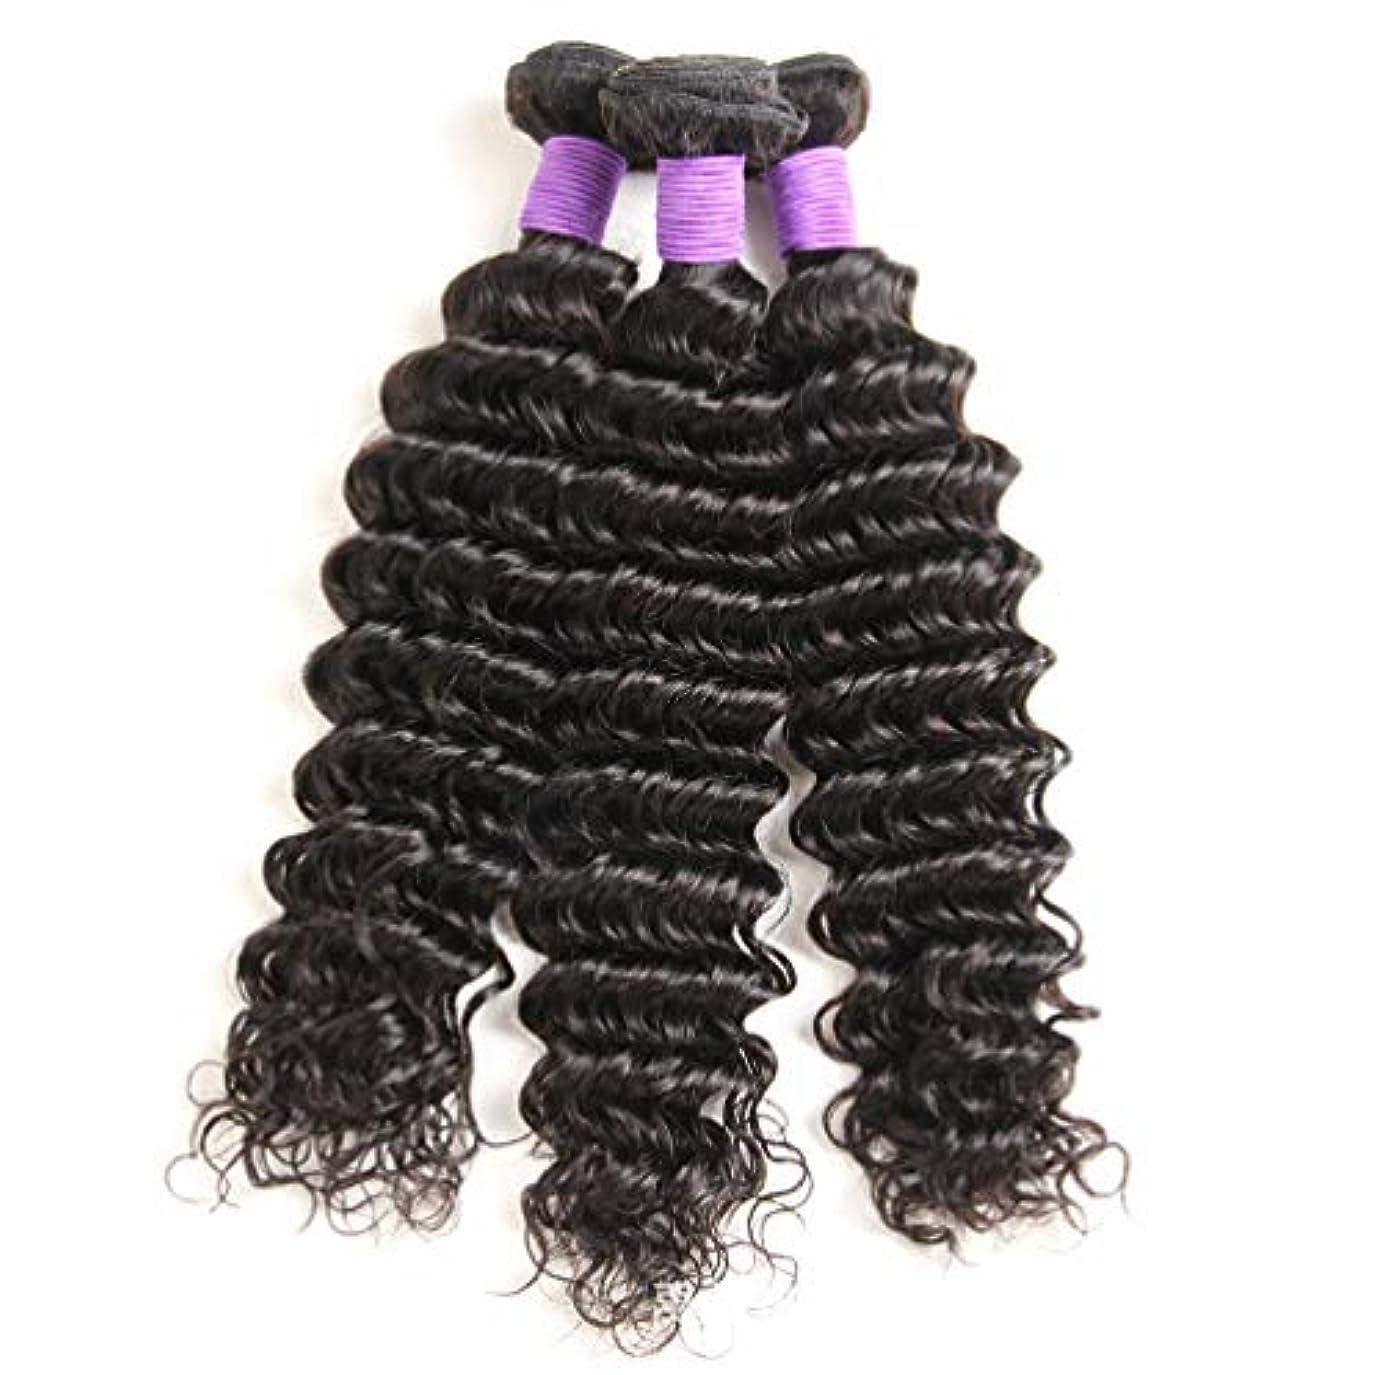 収縮引っ張る支店女性150%密度ブラジルのカーリーヘアー1バンドルディープウェーブ未処理の人間の毛髪延長ブラジルのバージンヘアディープカーリーウェーブ